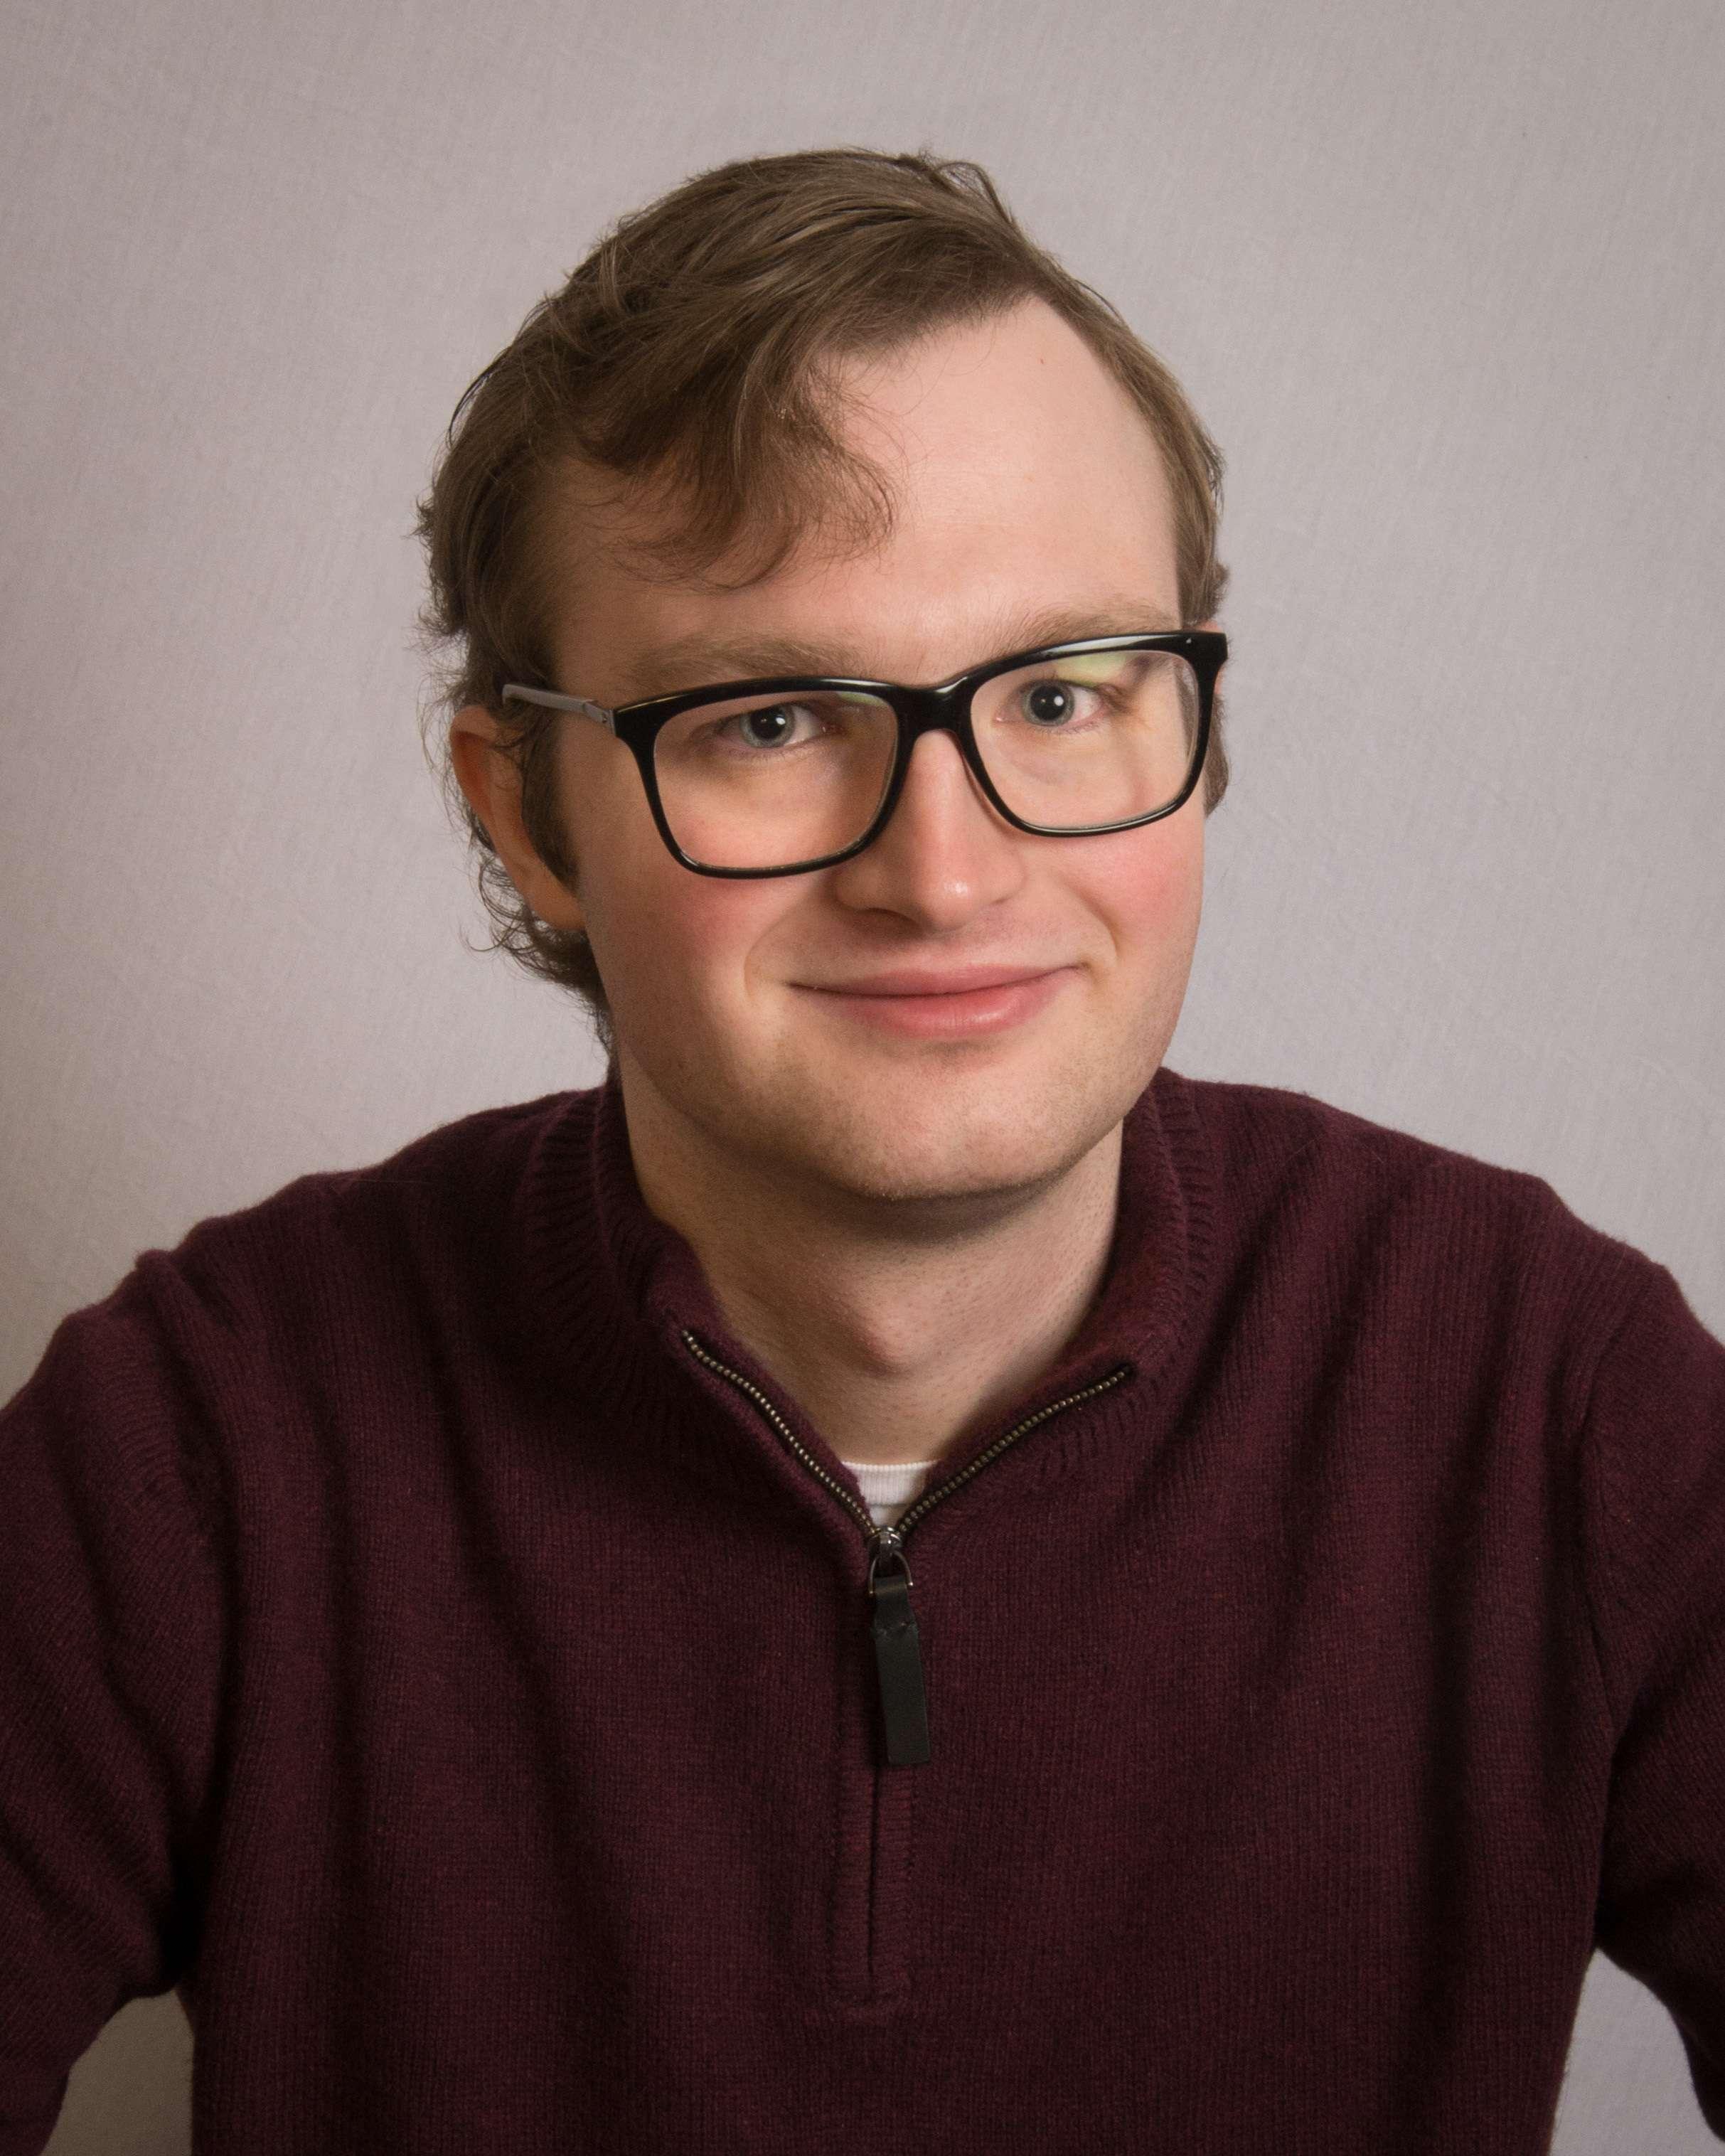 Nick Chlumecky